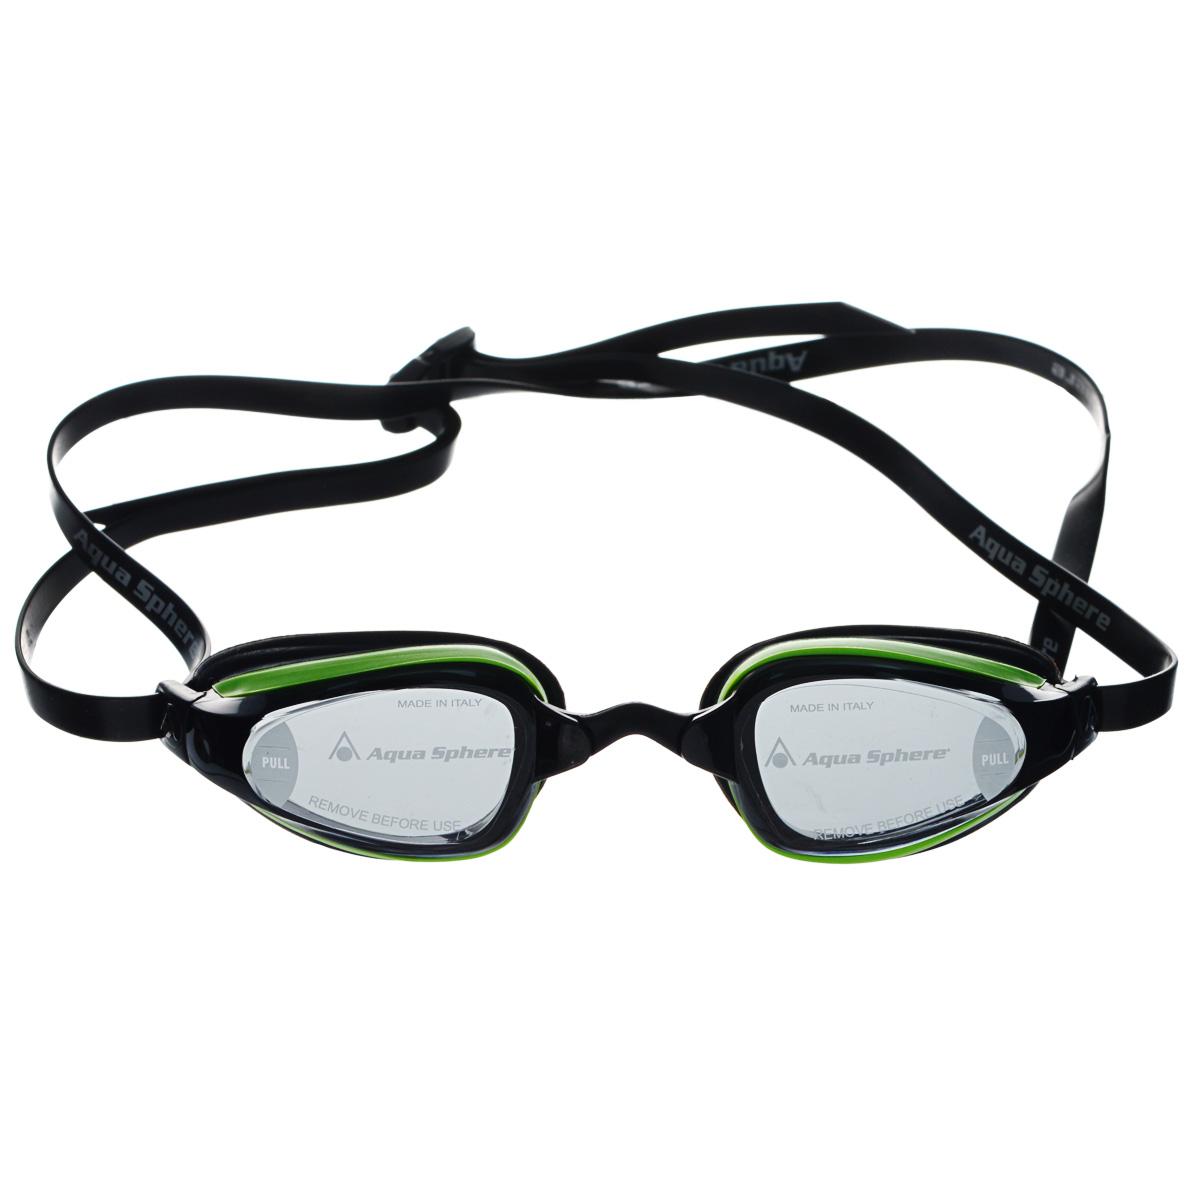 Очки для плавания Aqua Sphere K180+, цвет: зеленый, черный527Очки для плавания Aqua Sphere K180+ спроектированы специально для тренировок на открытой воде и соревнований. Плотное прилегание к лицу обеспечивает хорошую обтекаемость и скорость движения. Благодаря сменным перемычкам можно менять расстояние между линзами. Запатентованные изогнутые линзы дают прекрасный обзор на 180° - без искажений. Очки дают 100% защиту от ультрафиолетового излучения.В комплекте 3 сменных перемычки.